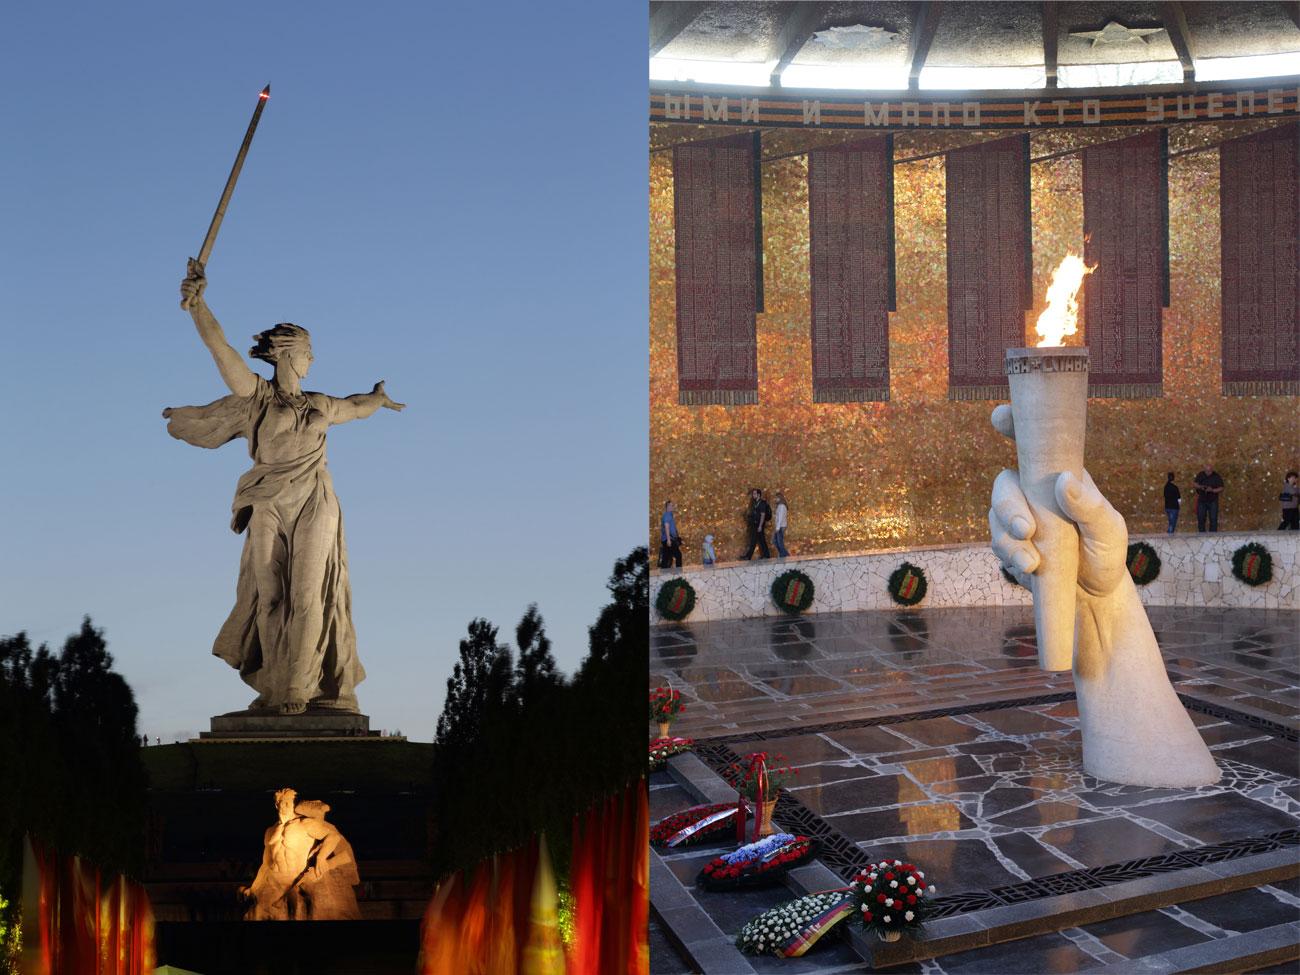 """Всички руски граждани могат да предложат град и съответен символ, заслужаващи да се появят на новите банкноти от по 200 и 2000 рубли, които ще бъдат пуснати догодина. / Вечният огън и паметникът """"Родината Майка зове"""" на хълма Мамаев курган във Волгоград. Мемориалният комплекс е издигнат през 1960-те години в чест на победата на Червената армия срещу нацистките нашественици в Битката при Сталинград през 1942-1943 година."""